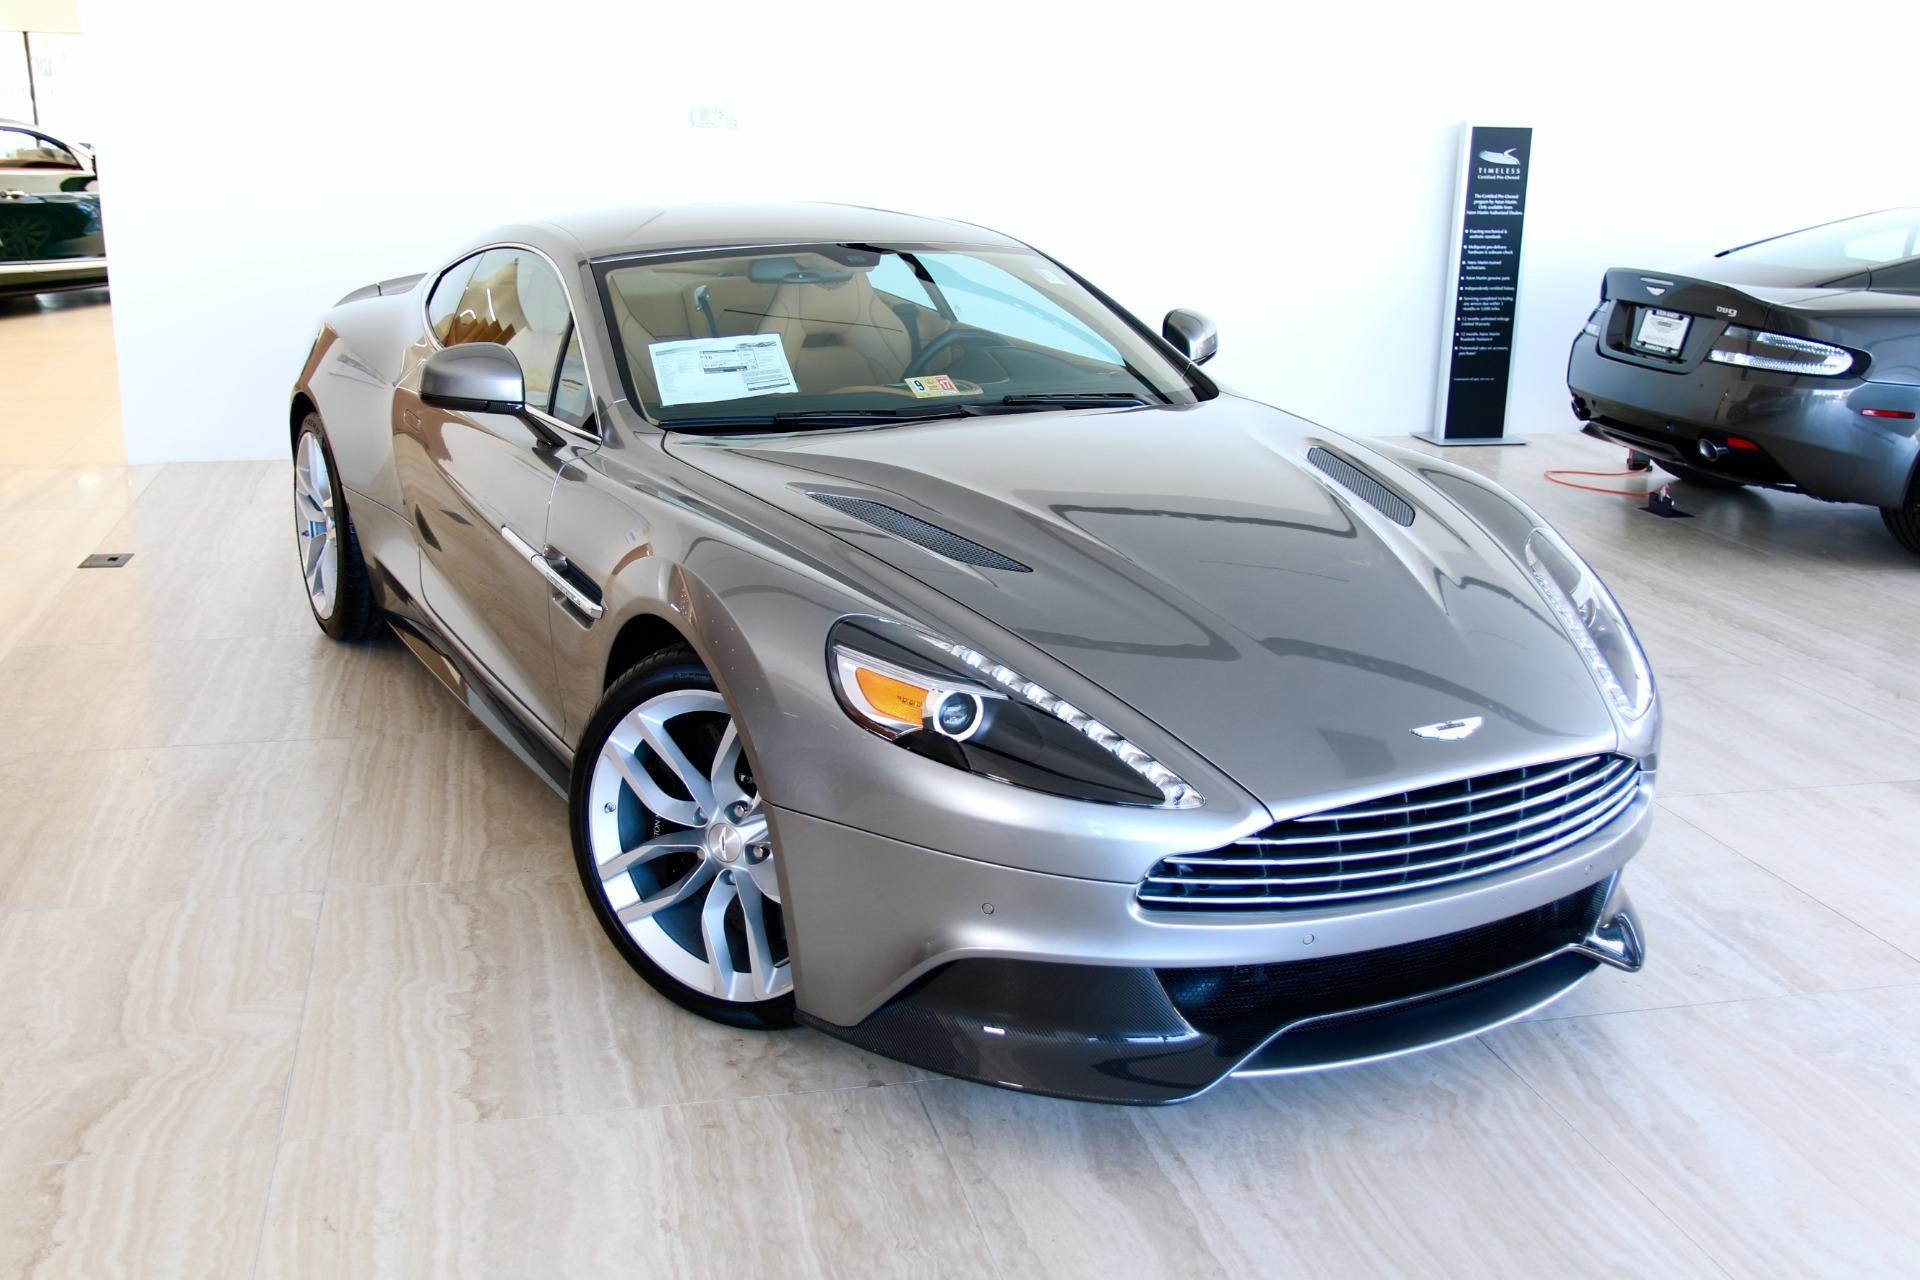 aston martin sale. New 2017 Aston Martin Vanquish | Vienna, VA Sale